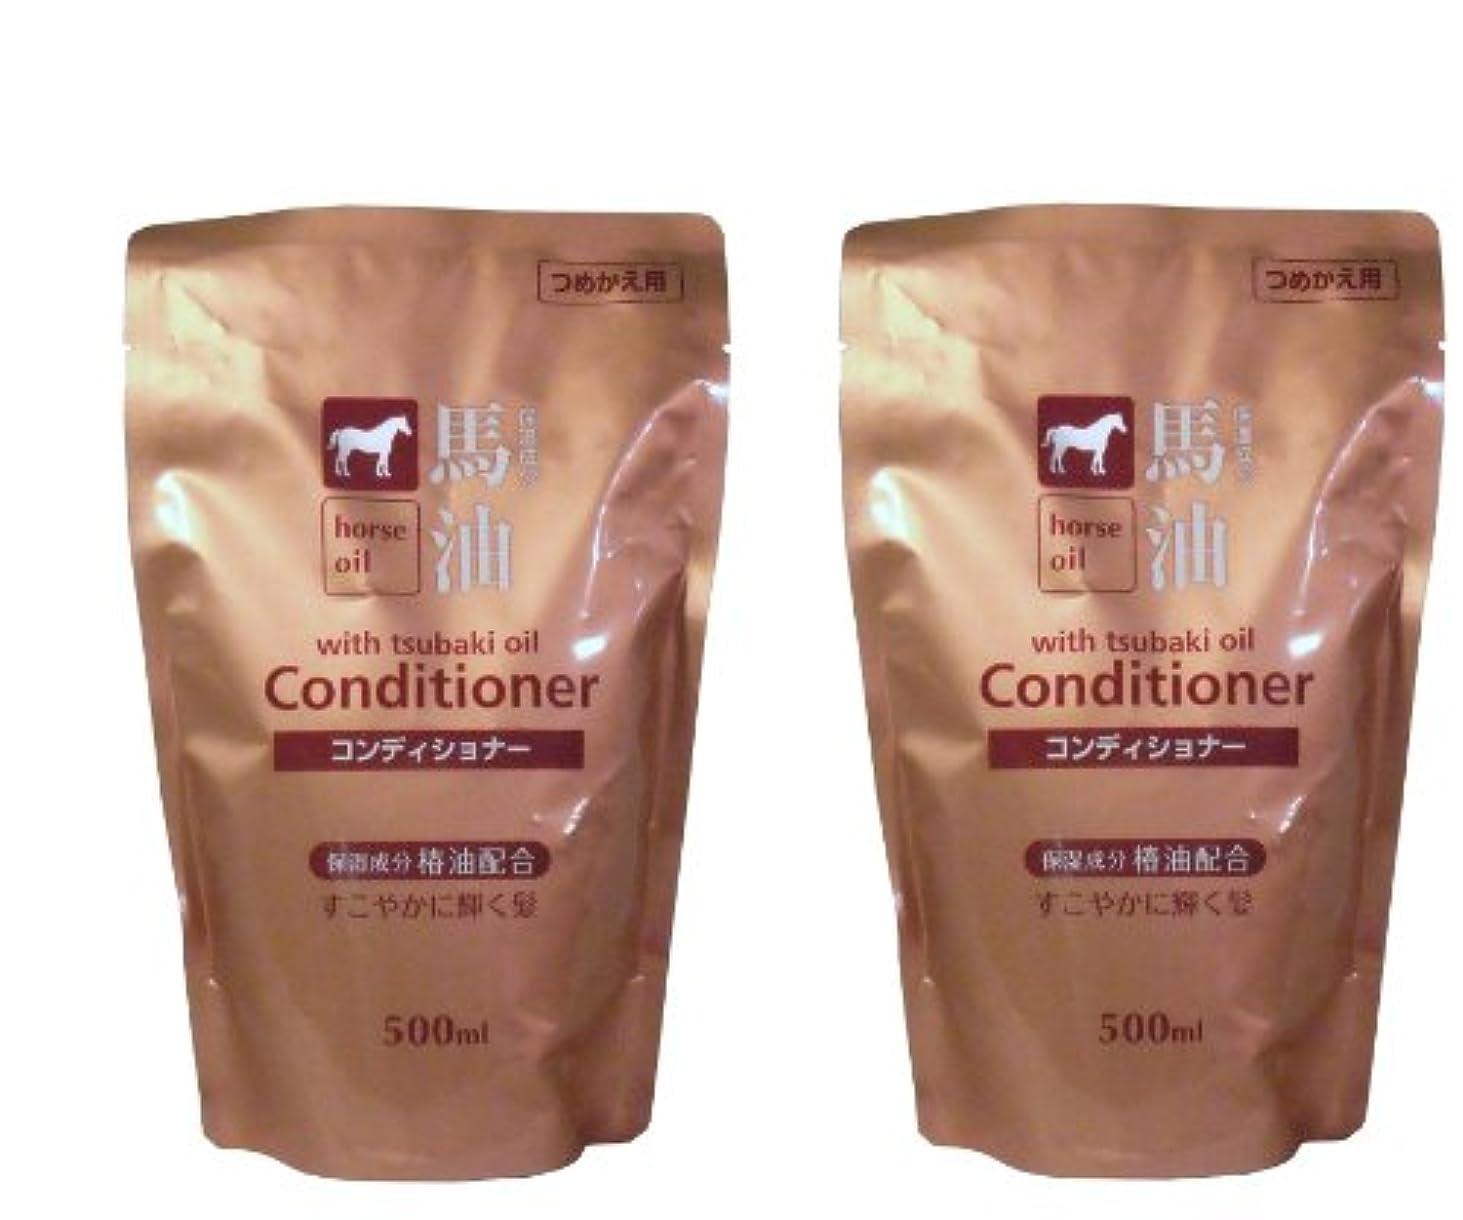 中で真空例馬油コンディショナー 椿油配合 詰替え用 2個セット(各500mL)  【日本製】